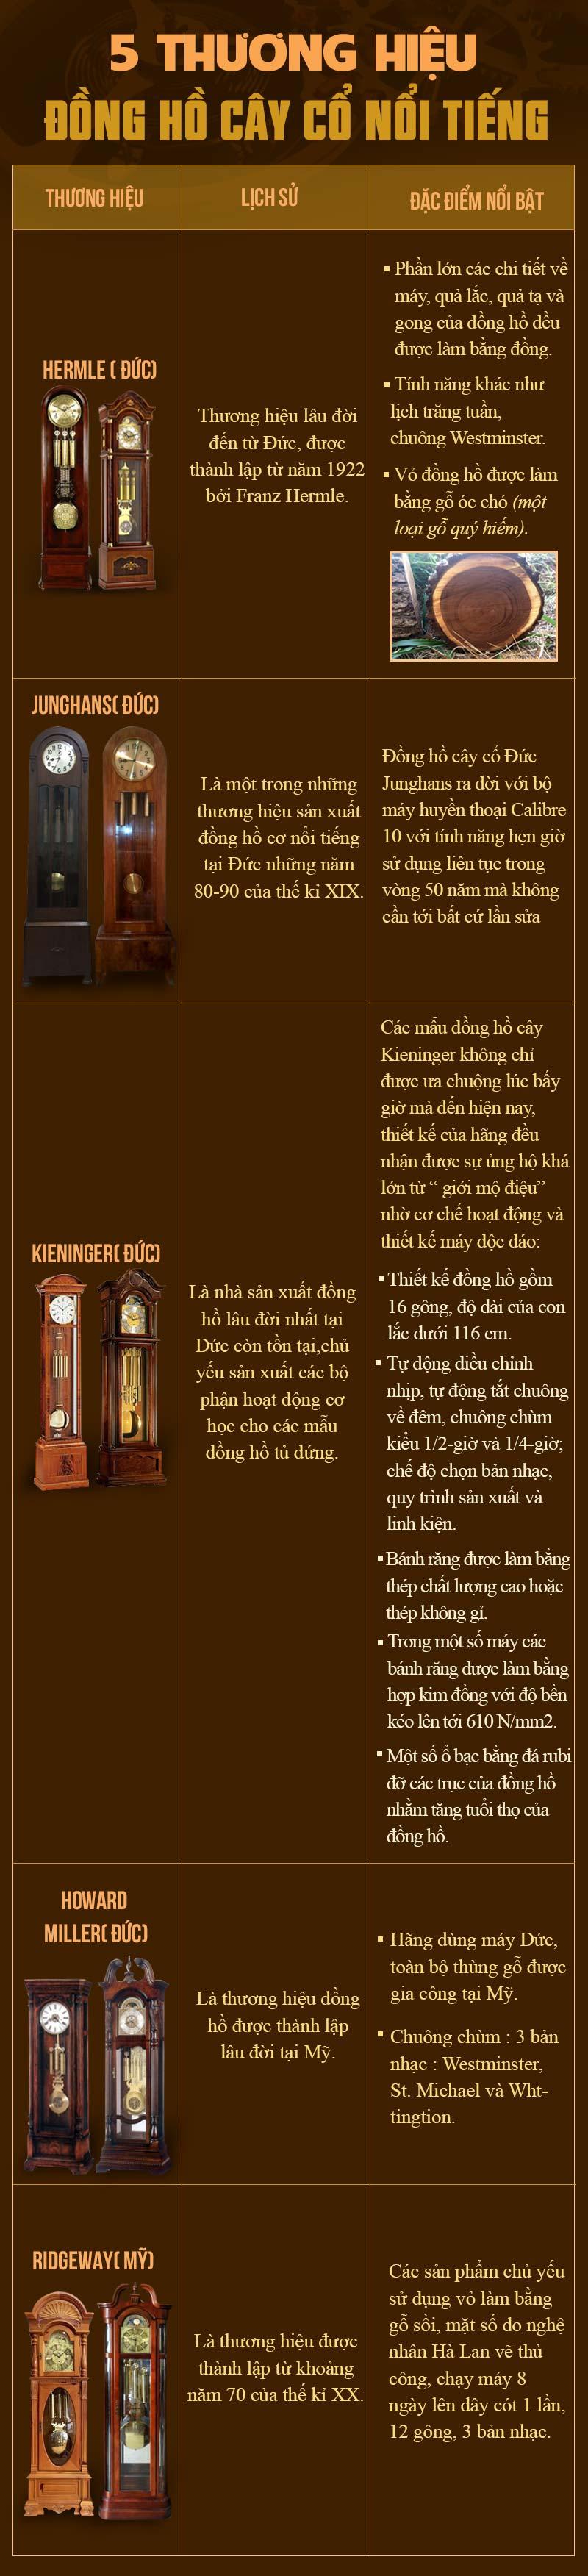 Những thương hiệu đồng hồ cây cổ, đồng hồ tủ đứng cổ của đức, pháp, mỹ nổi tiếng khắp châu âu